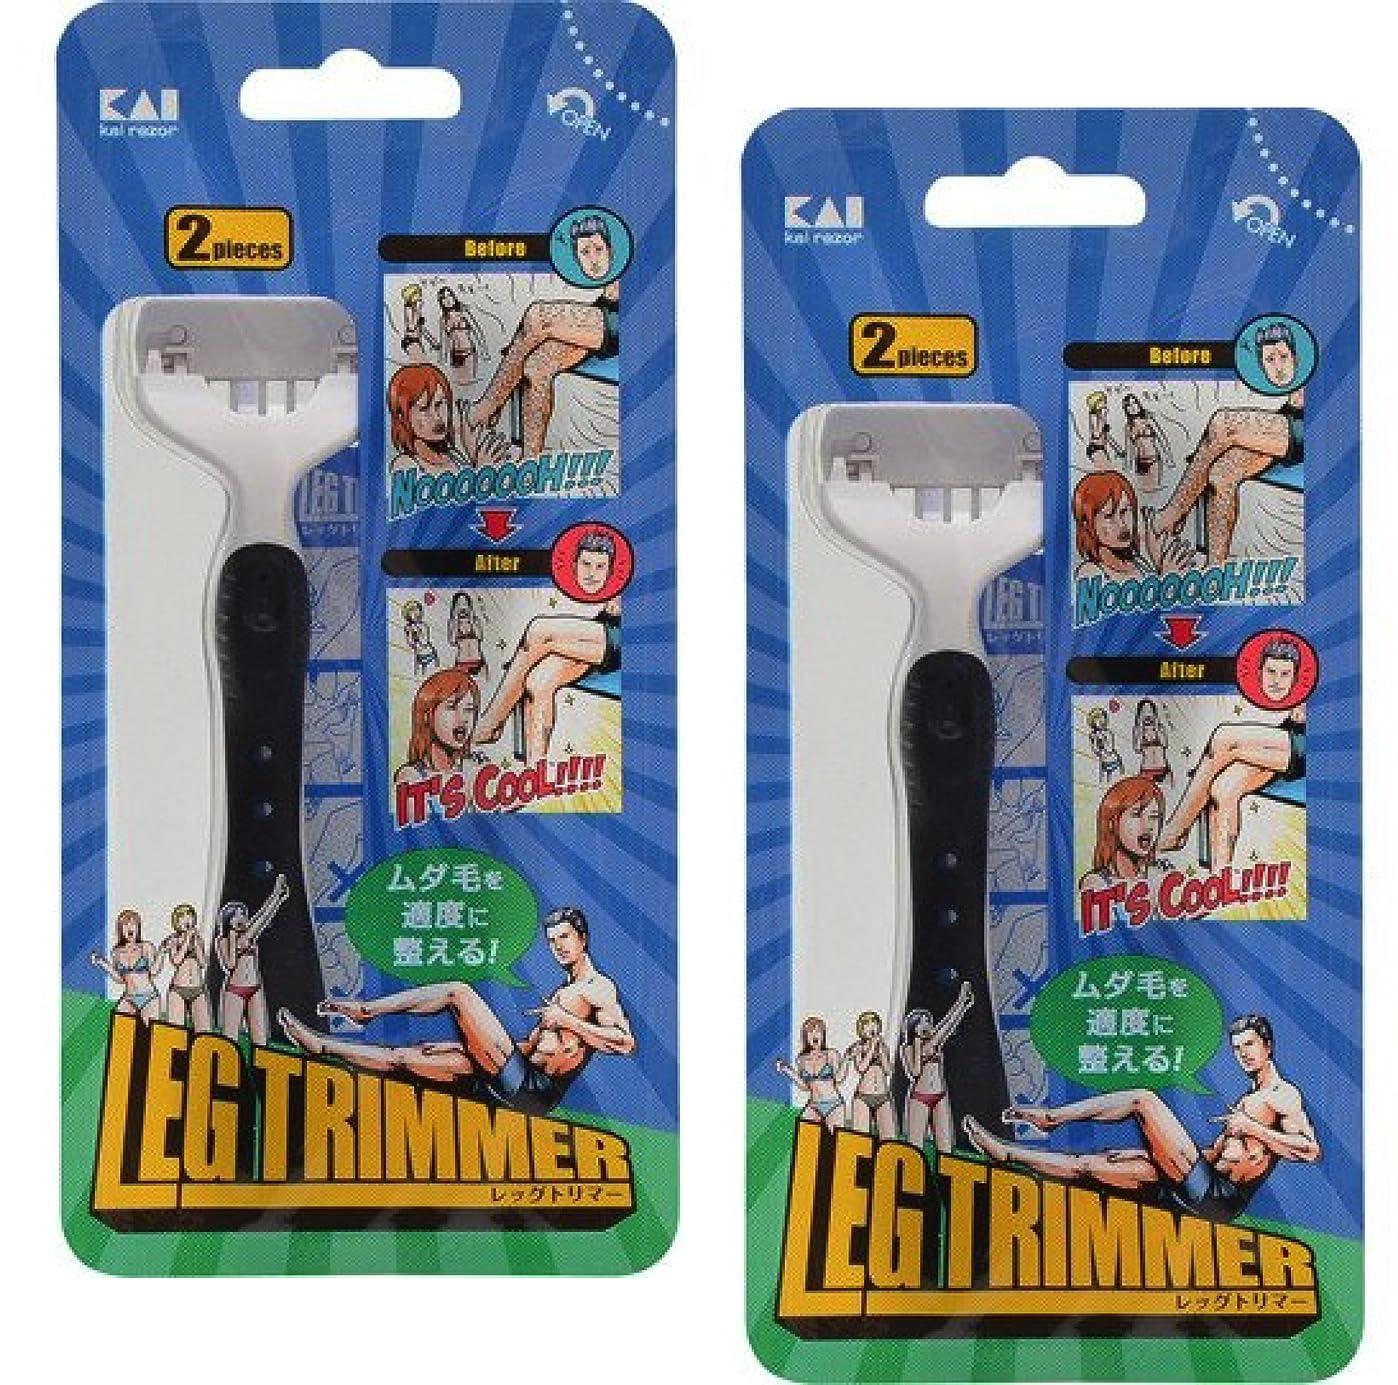 毒液作る精神LEG TRIMMER レッグトリマー (むだ毛を適度に整えるカミソリ)2本入 2セット